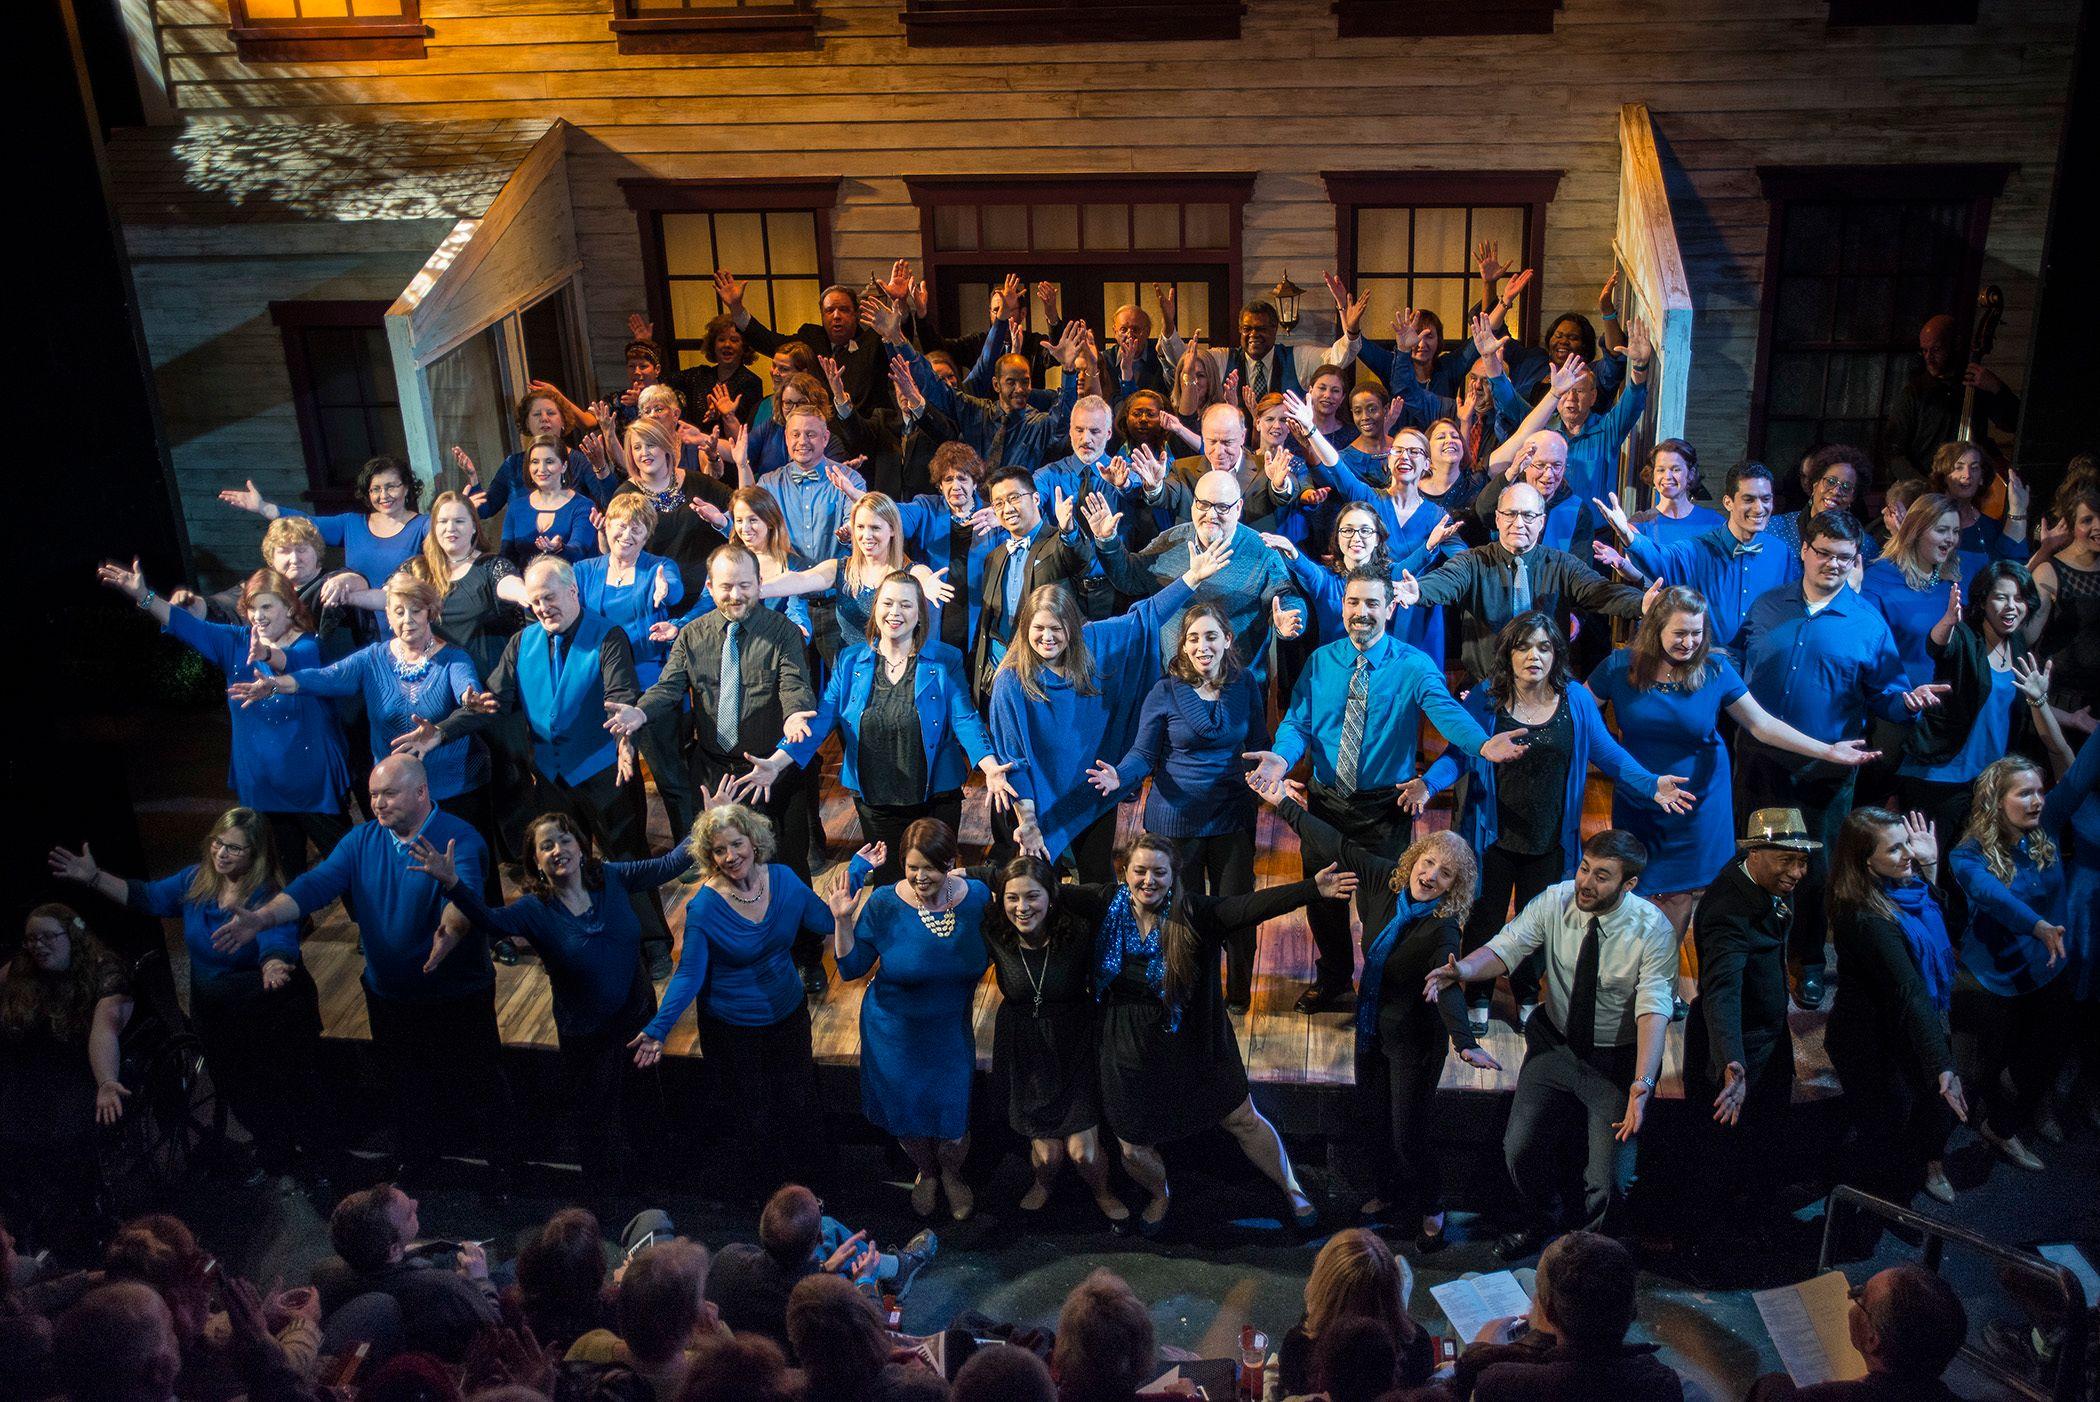 The Alexandria Singers